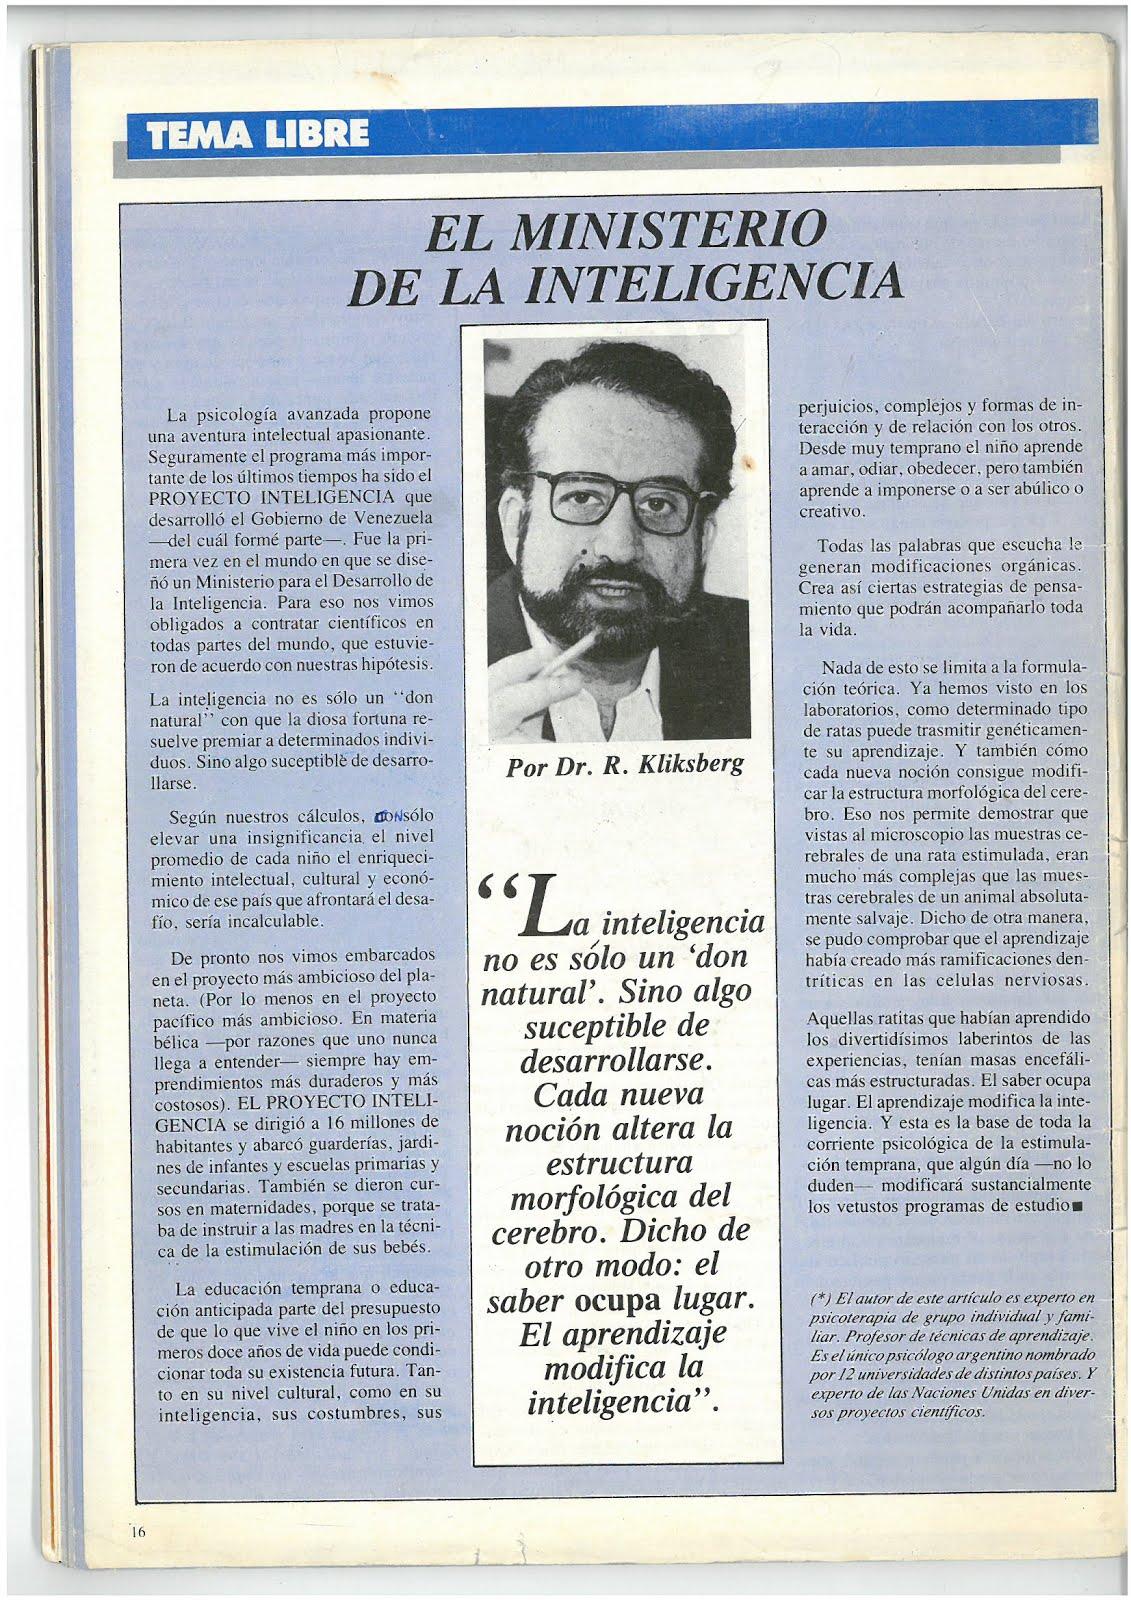 32 - Revista Cambiemos, Argentina, 6/1987. Artículo de Naum Kliksberg.